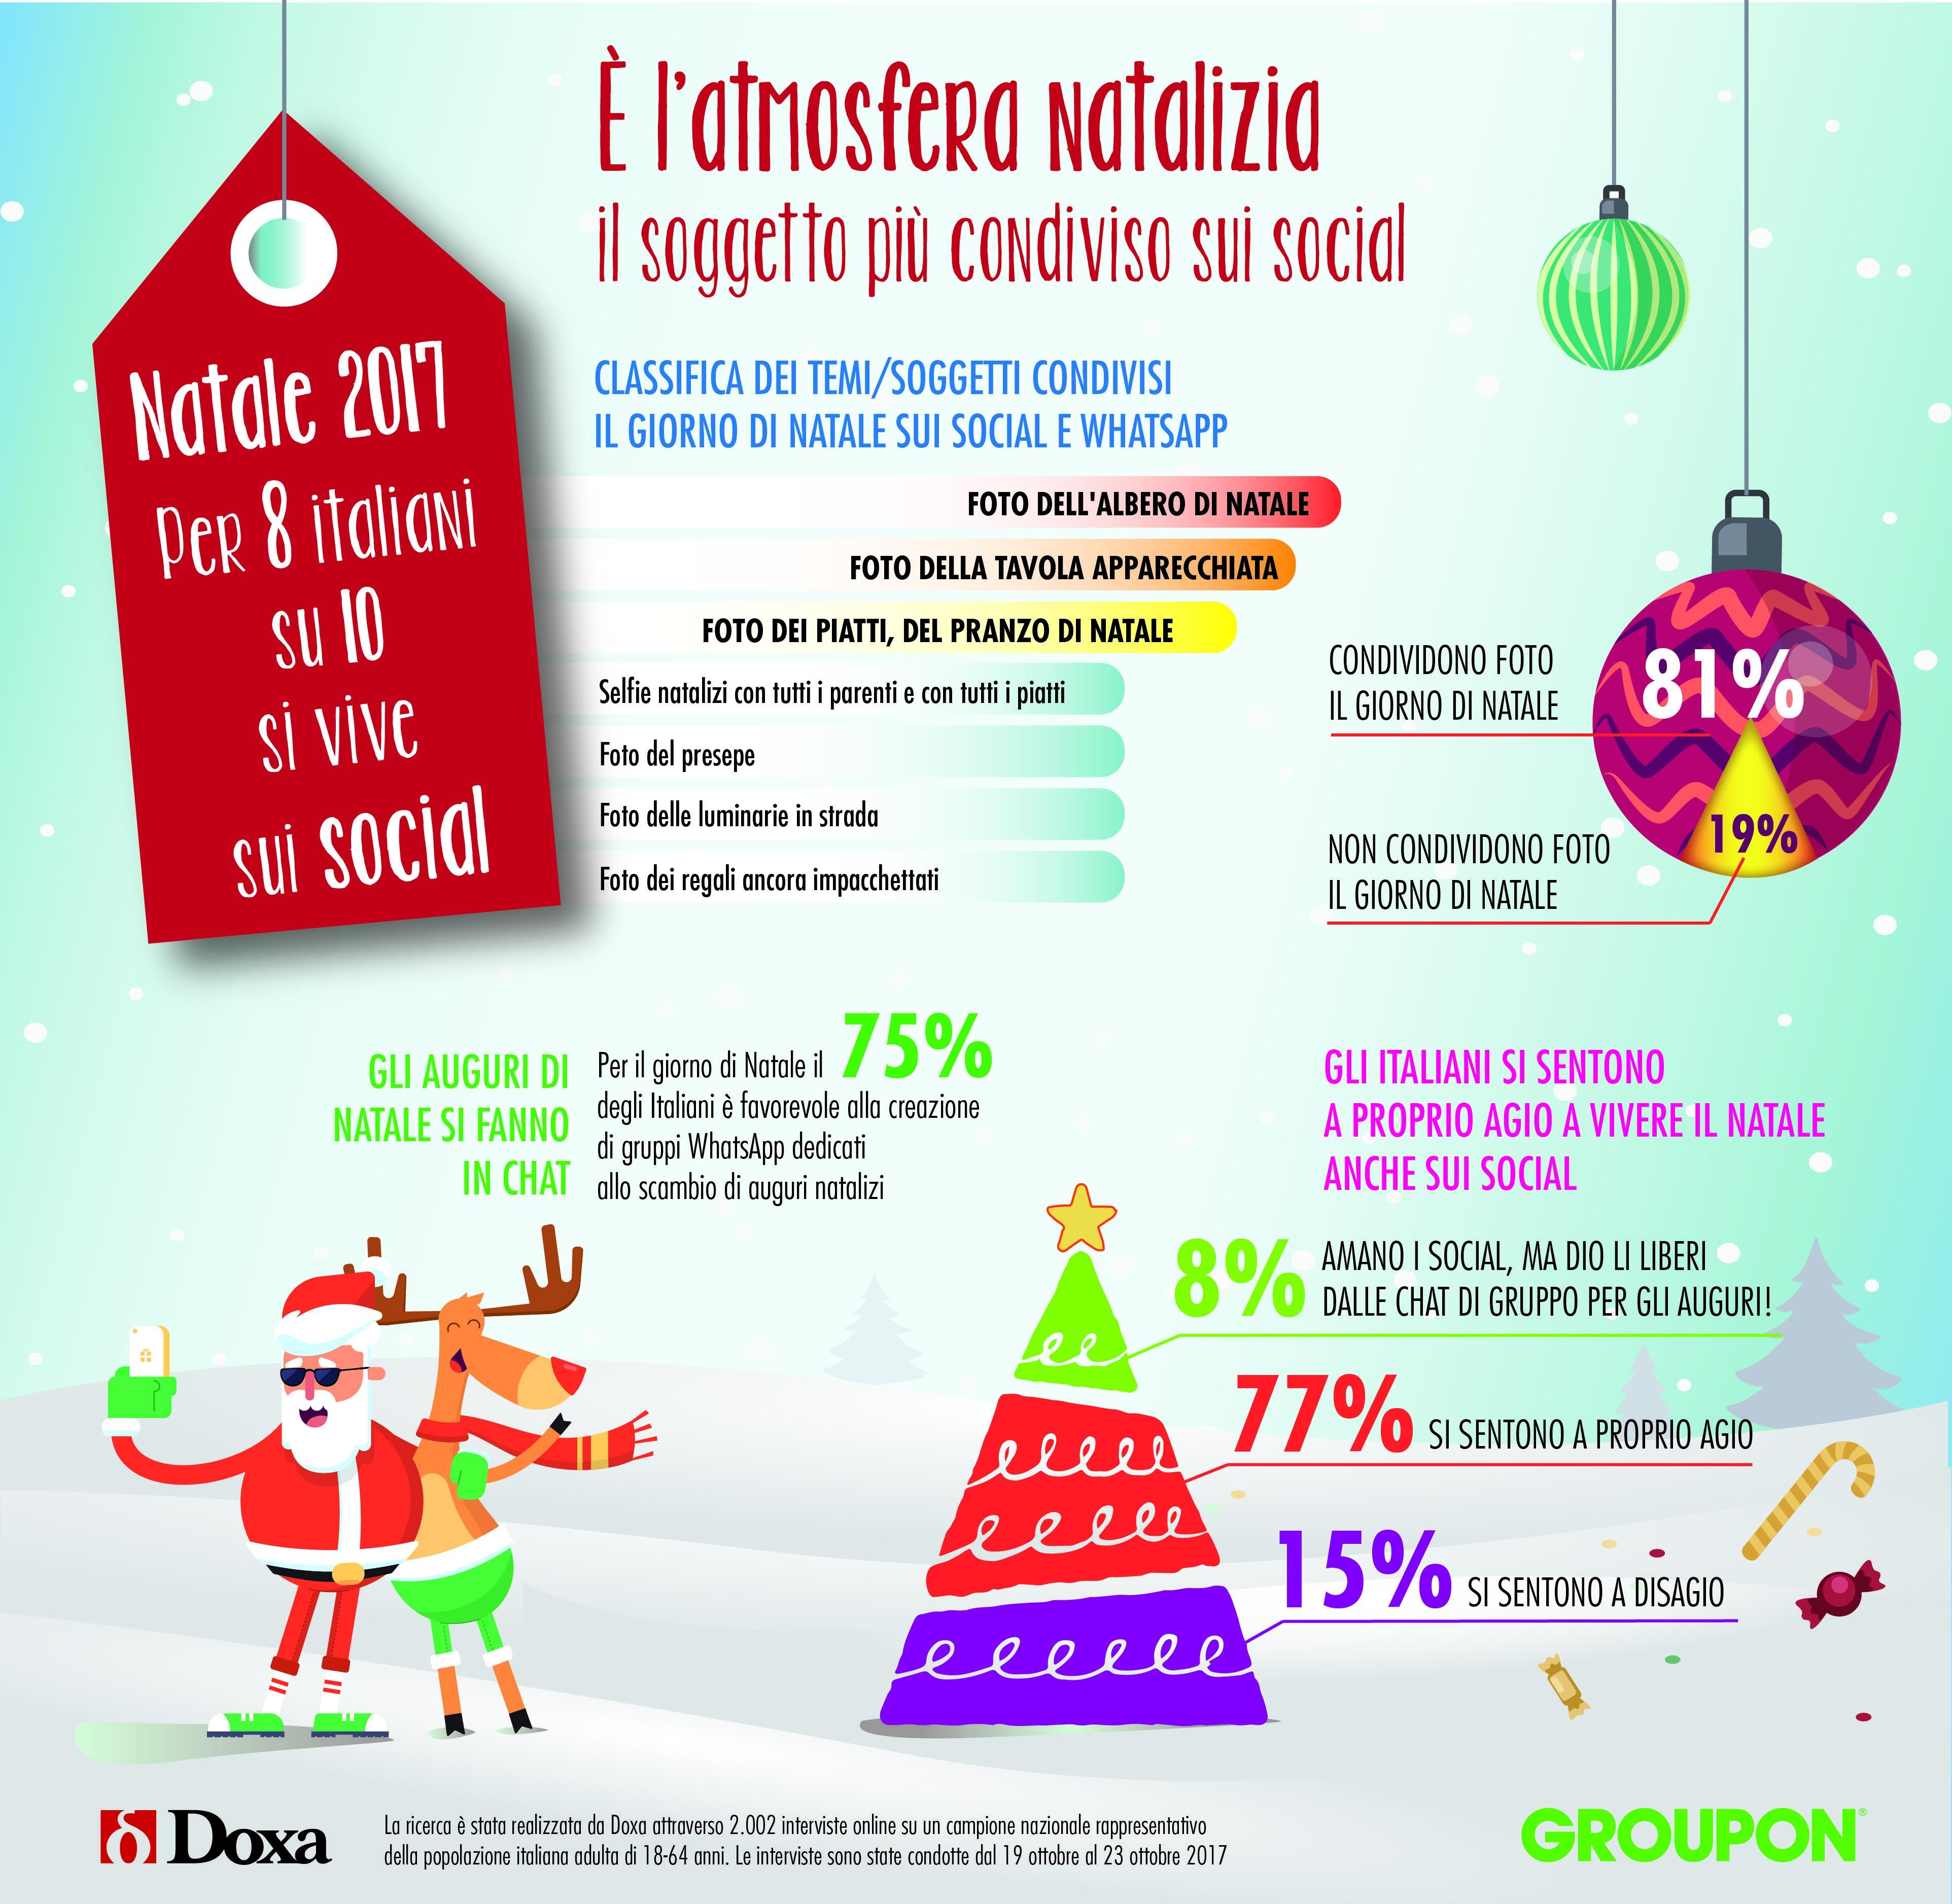 I Regali Di Natale Quando Si Aprono.Auguri Di Buon Natale Quando Si Fanno Disegni Di Natale 2019